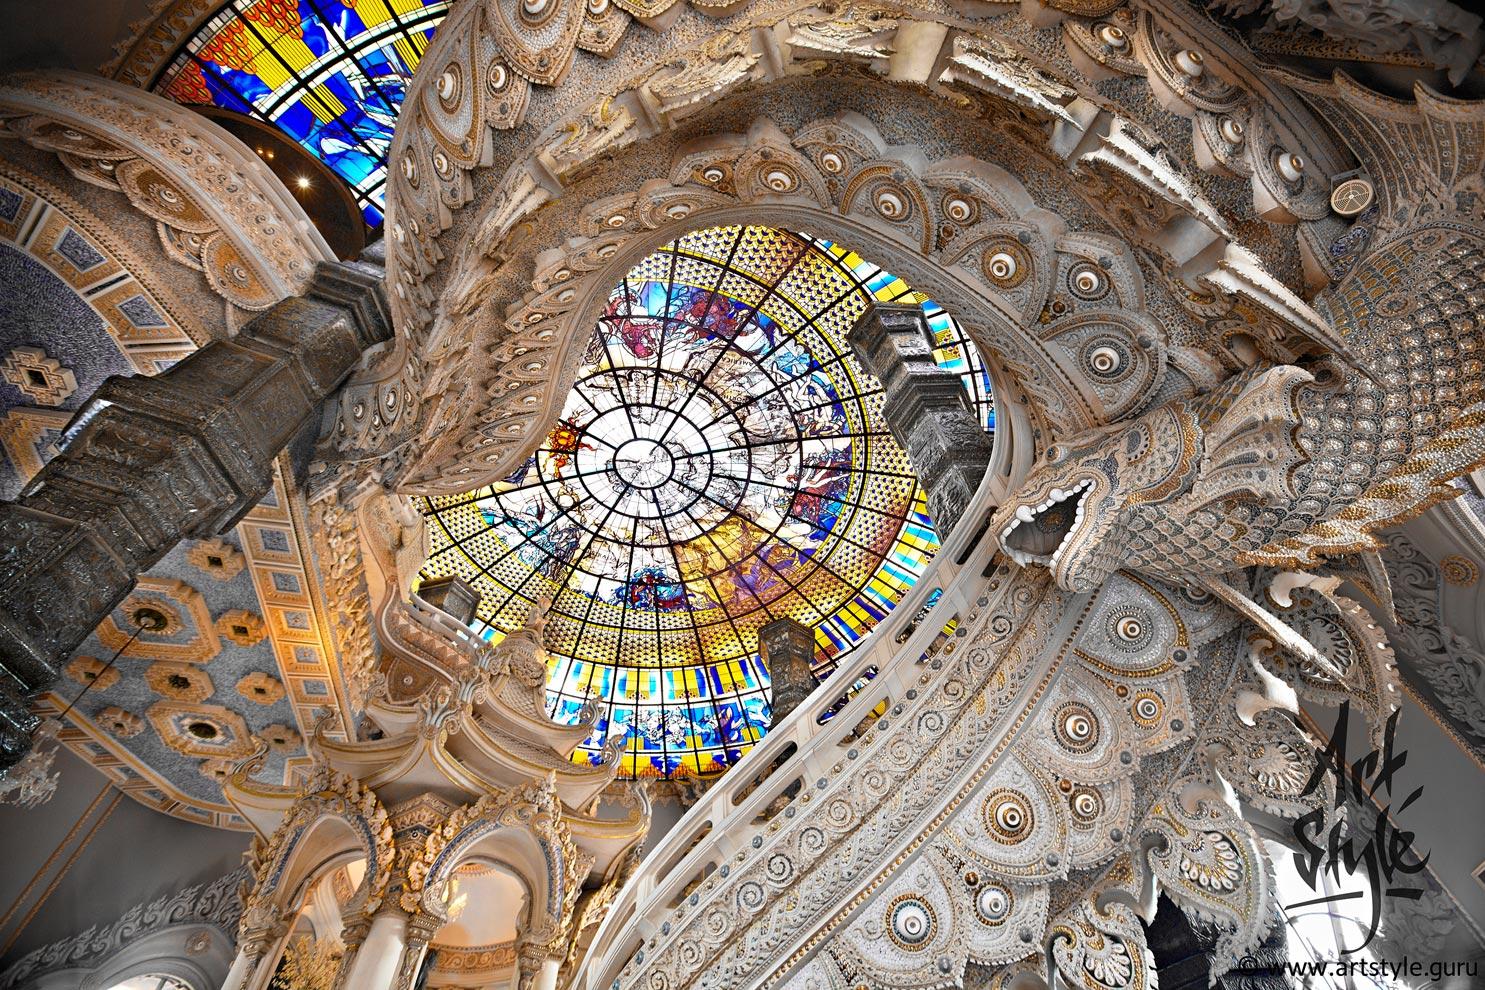 Erawan museum/temple, Bangkok, Thailand.